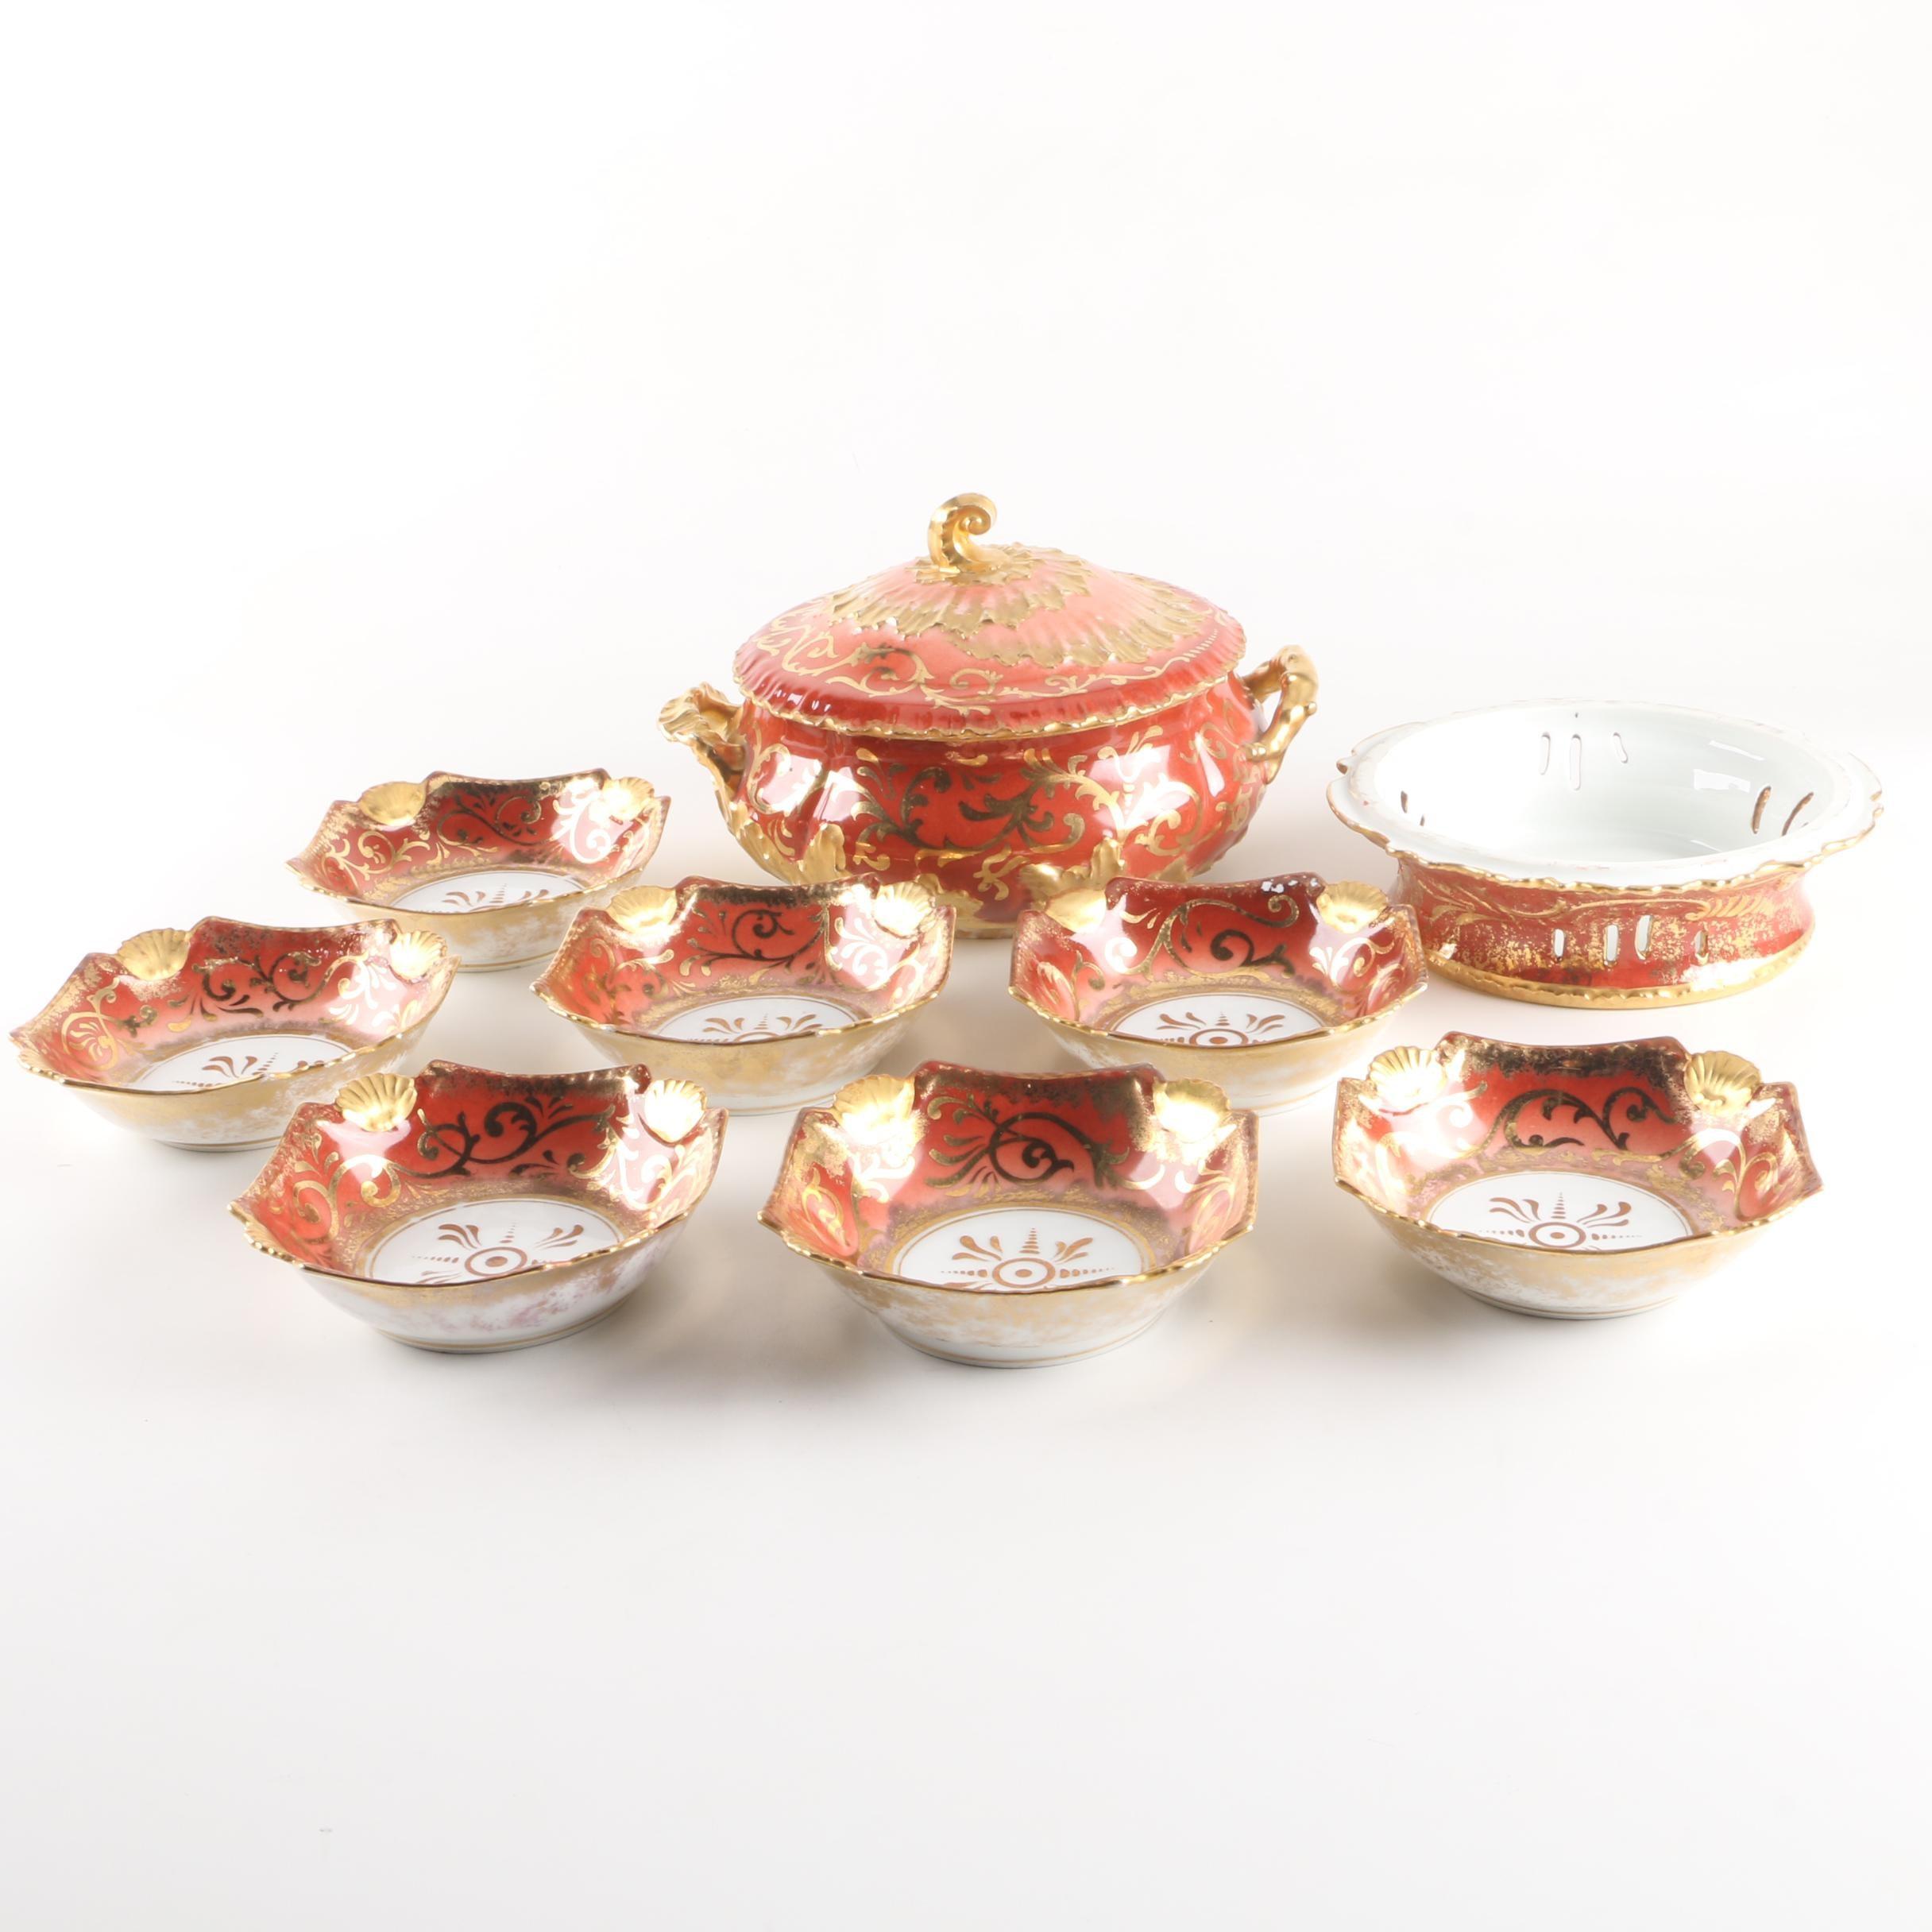 Martial Redon and Tressemann & Vogt Limoges Porcelain Bowls and Covered Server